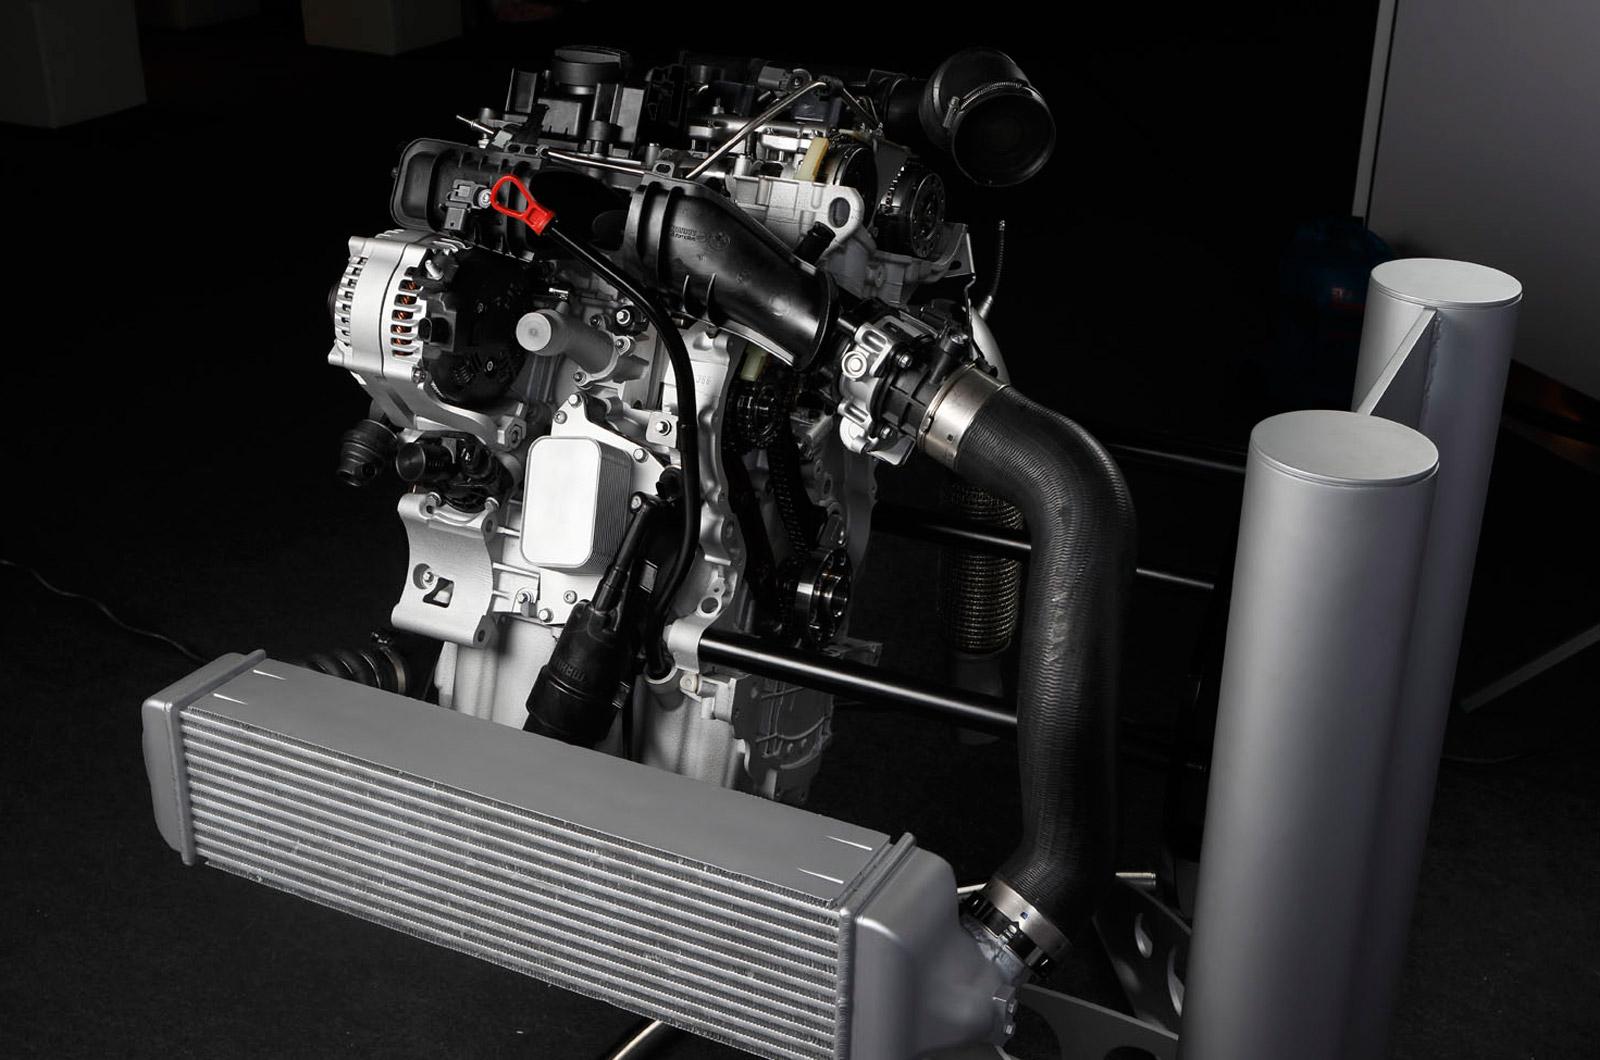 all new 3 cylinder turbo engine. Black Bedroom Furniture Sets. Home Design Ideas